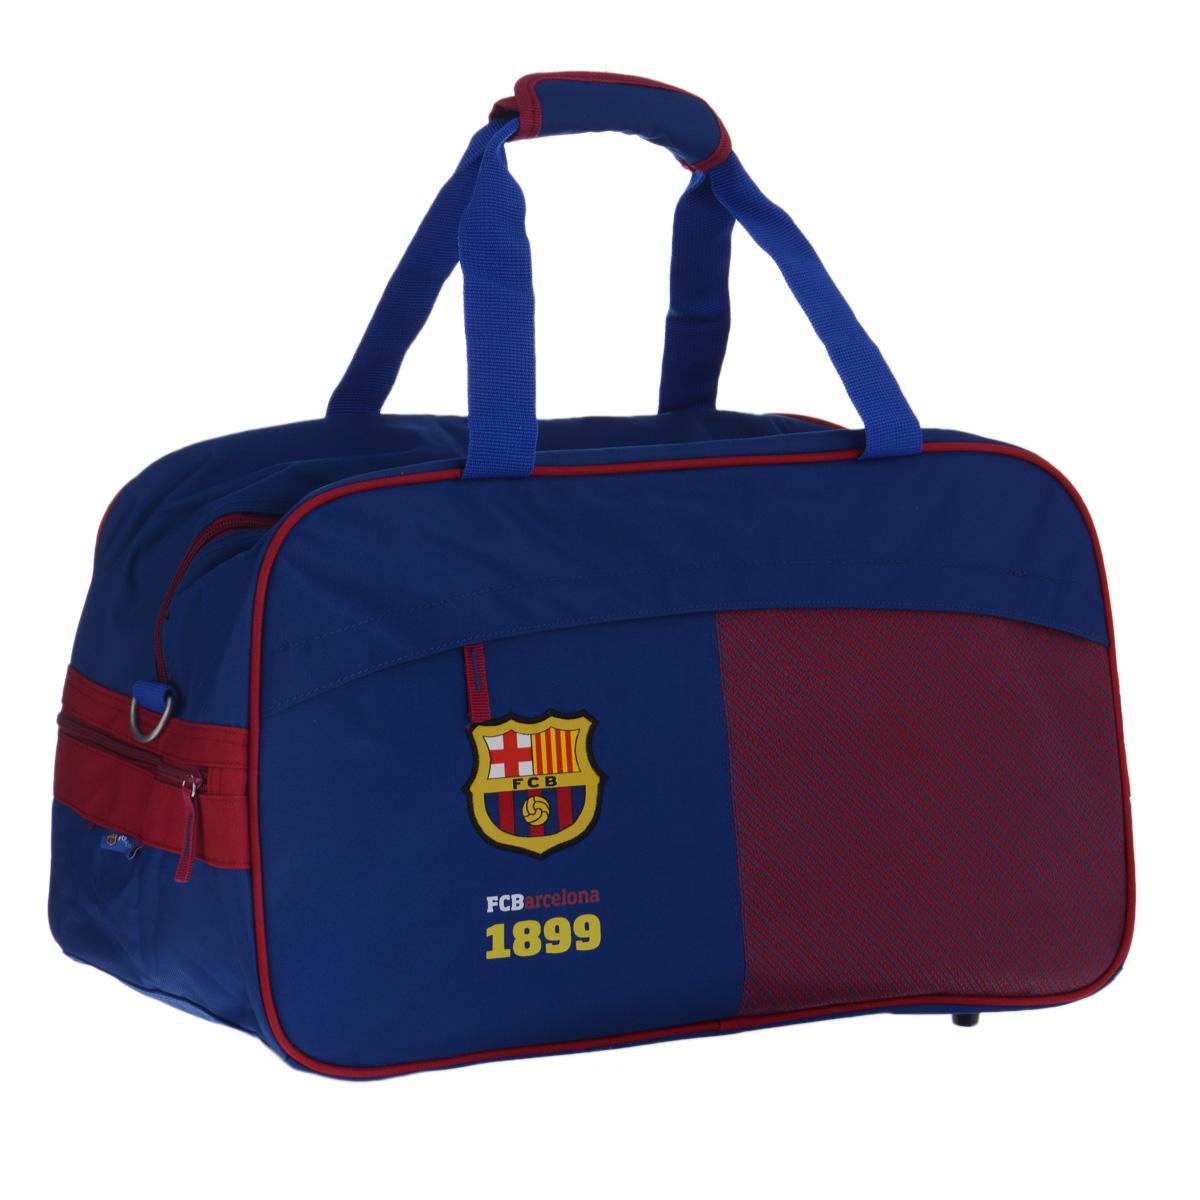 FC Barcelona Сумка спортивная цвет синий красныйBNAB-UT1-3489Спортивная сумка Barcelona FC понравится любому фанату команды или просто активному человеку, занимающемуся спортом. Сумка изготовлена из высококачественного износостойкого полиэстера и оформлена нашивным логотипом футбольного клуба Барселона - знаменитого каталонского клуба из одноимённого города, одного из сильнейших в Испании и в мире. Сумка состоит из одного вместительного отделения, закрывается на застежку-молнию. Спереди расположен прорезной карман на застежке-молнии, прикрытый клапаном для предотвращения попадания влаги. Внутри кармана находятся два открытых кармана для мелочей, карман для мобильного телефона с клапаном на липучке, накладной карман-сеточка на застежке-молнии и кольцо для ключей. Сумка имеет съемное твердое дно, которое при необходимости можно удалить для облегчения веса. Сумка имеет удобные ручки, скрепляющиеся хлястиком на липучке, а также съемный плечевой ремень, регулирующийся по длине, со специальной накладкой для комфортной переноски на...